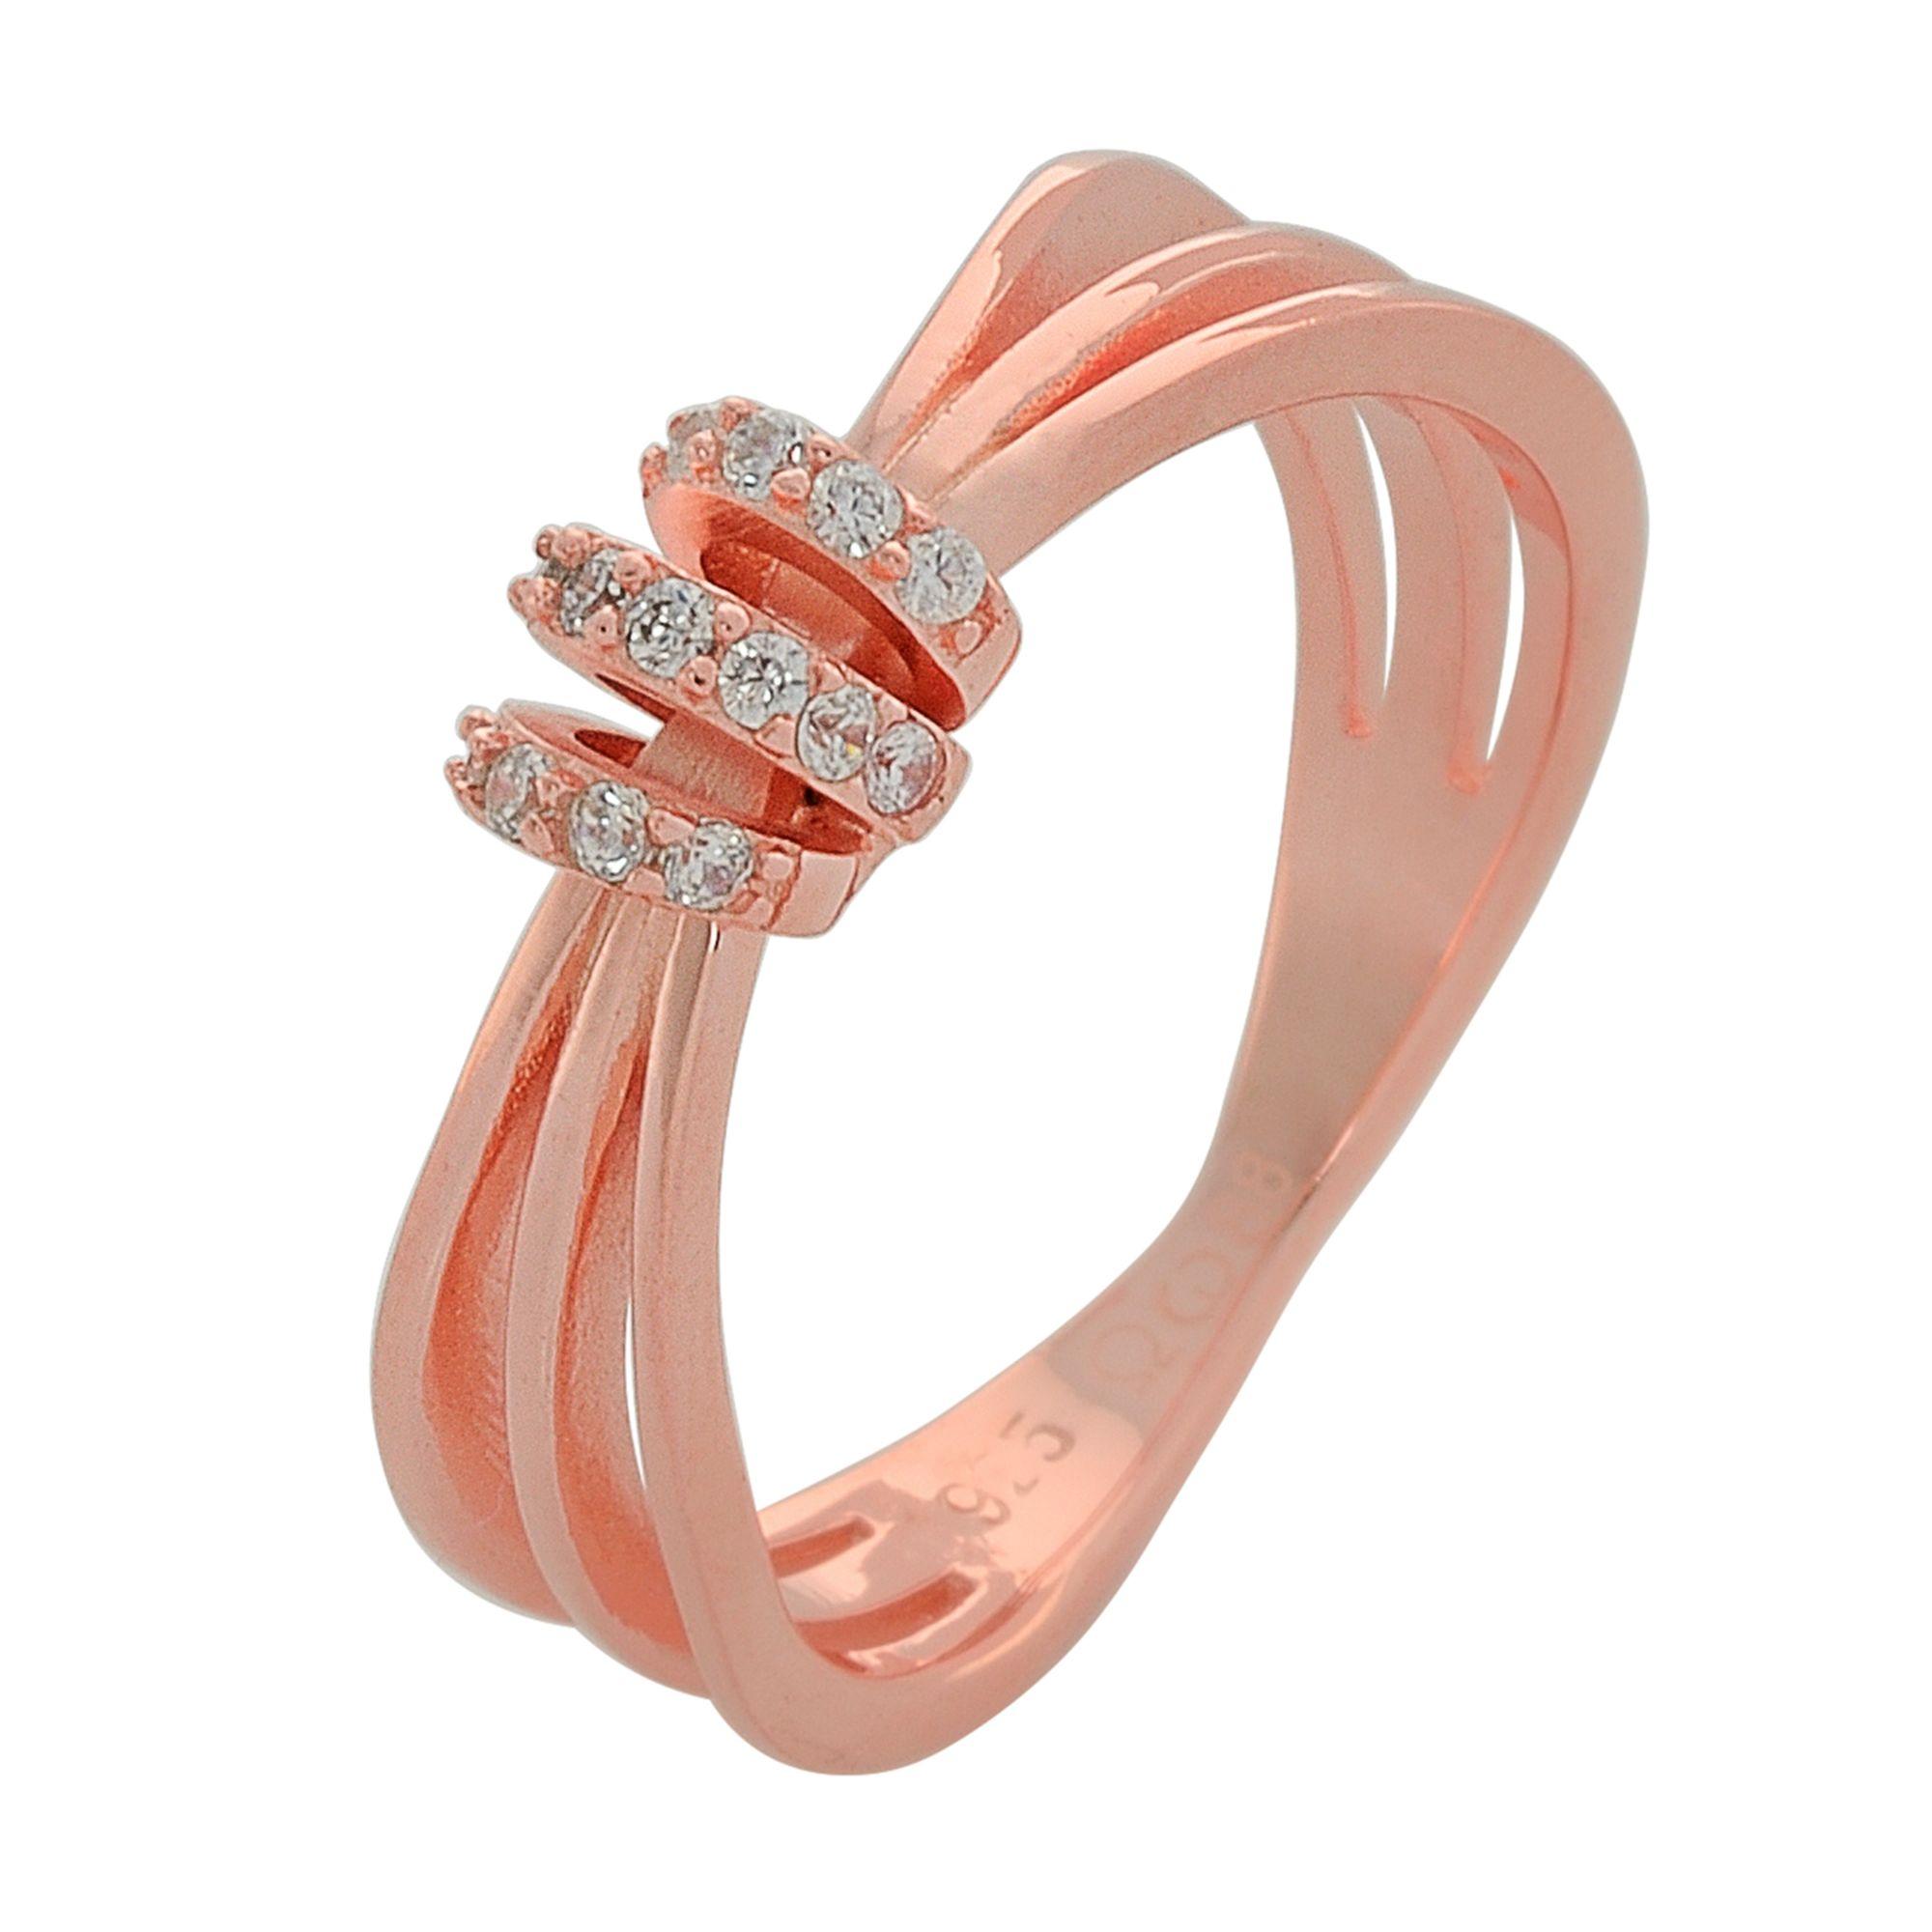 Ασημένιο Δαχτυλίδι σε Ροζ Gold με πέτρες Ζιργκόν